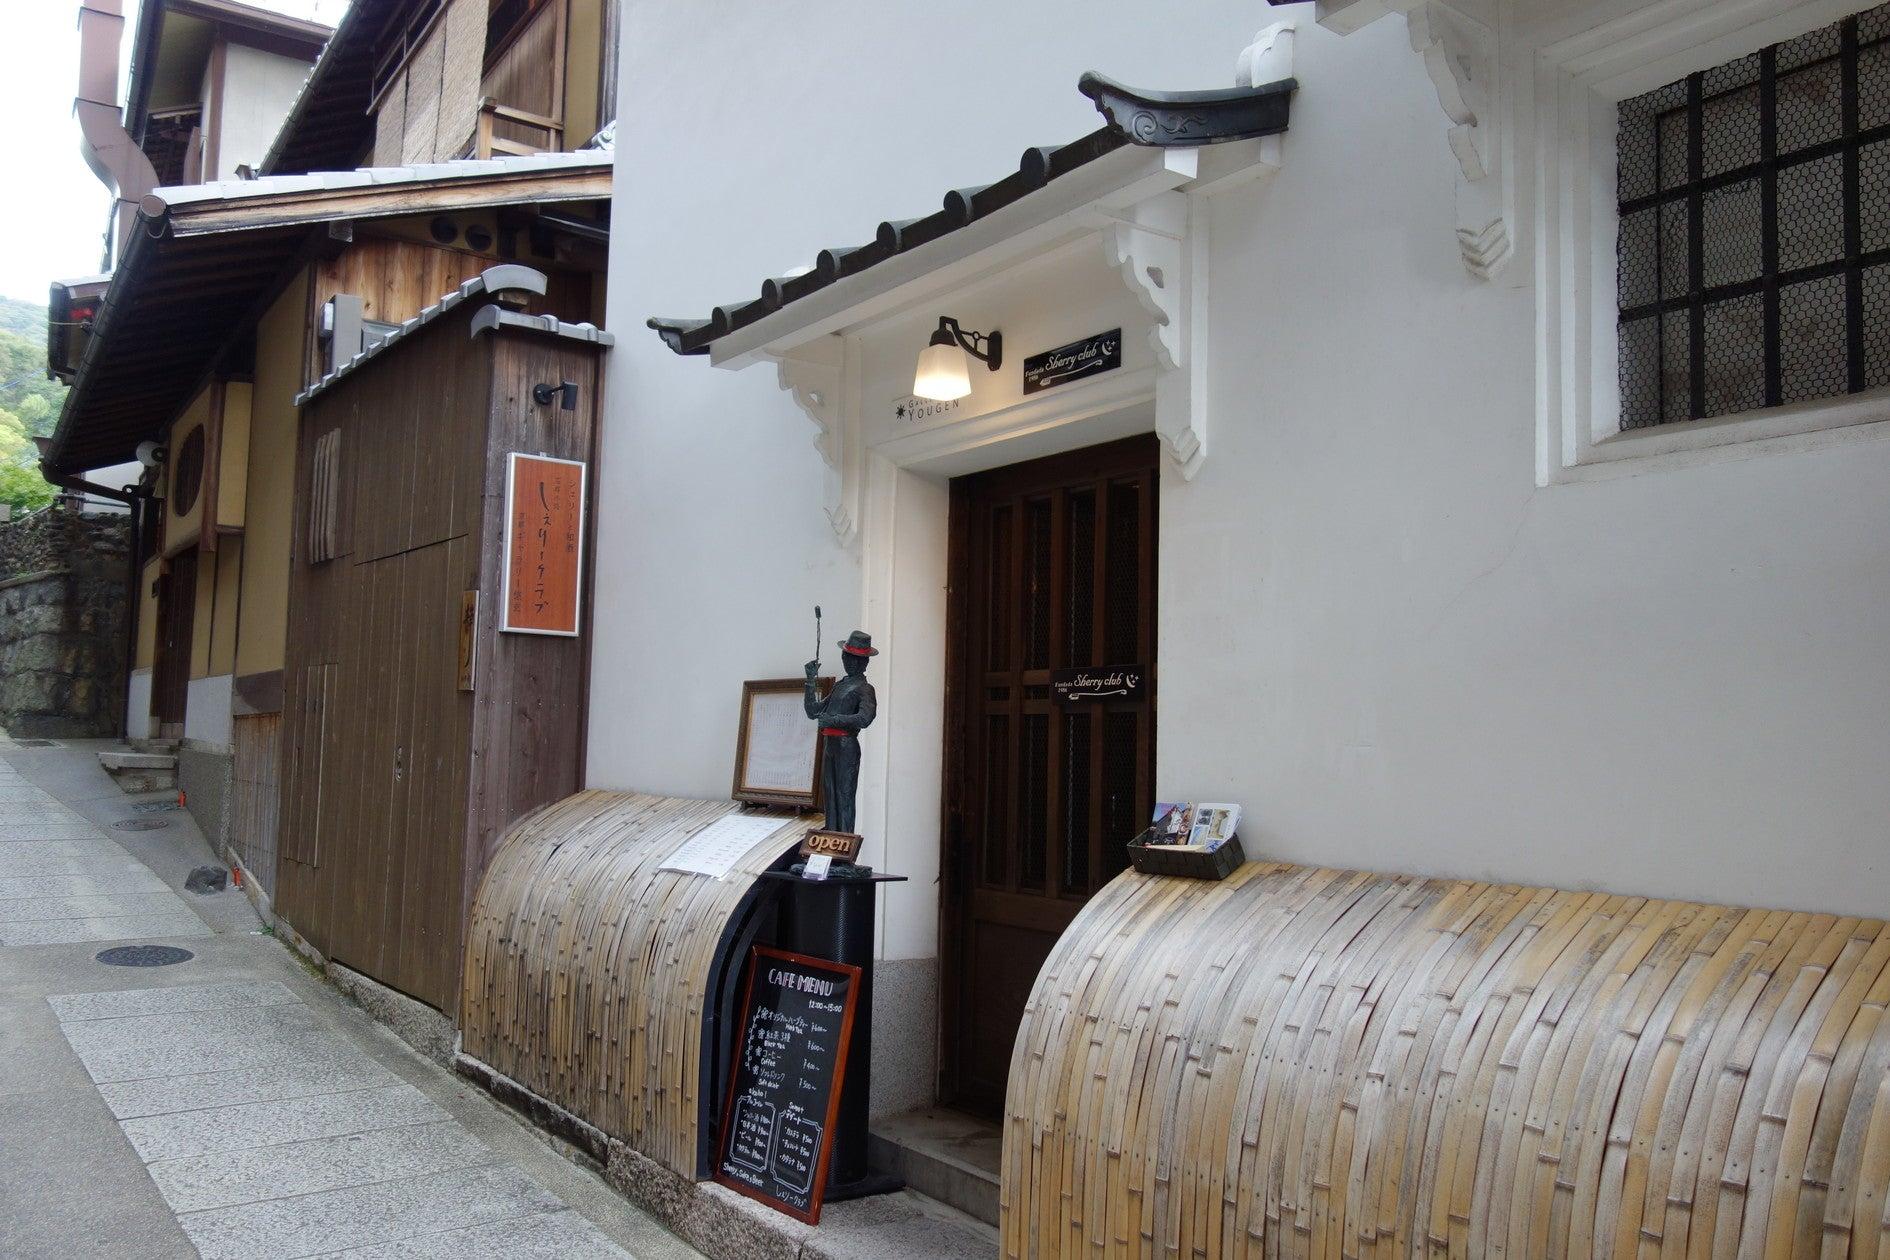 【京都】祇園。 蔵を生かしたギャラリースペース。ギャラリー・パーティー・撮影・ママ会・会議に(【京都】祇園。 蔵を生かしたギャラリースペース。ギャラリー・パーティー・撮影・ママ会・会議に) の写真0